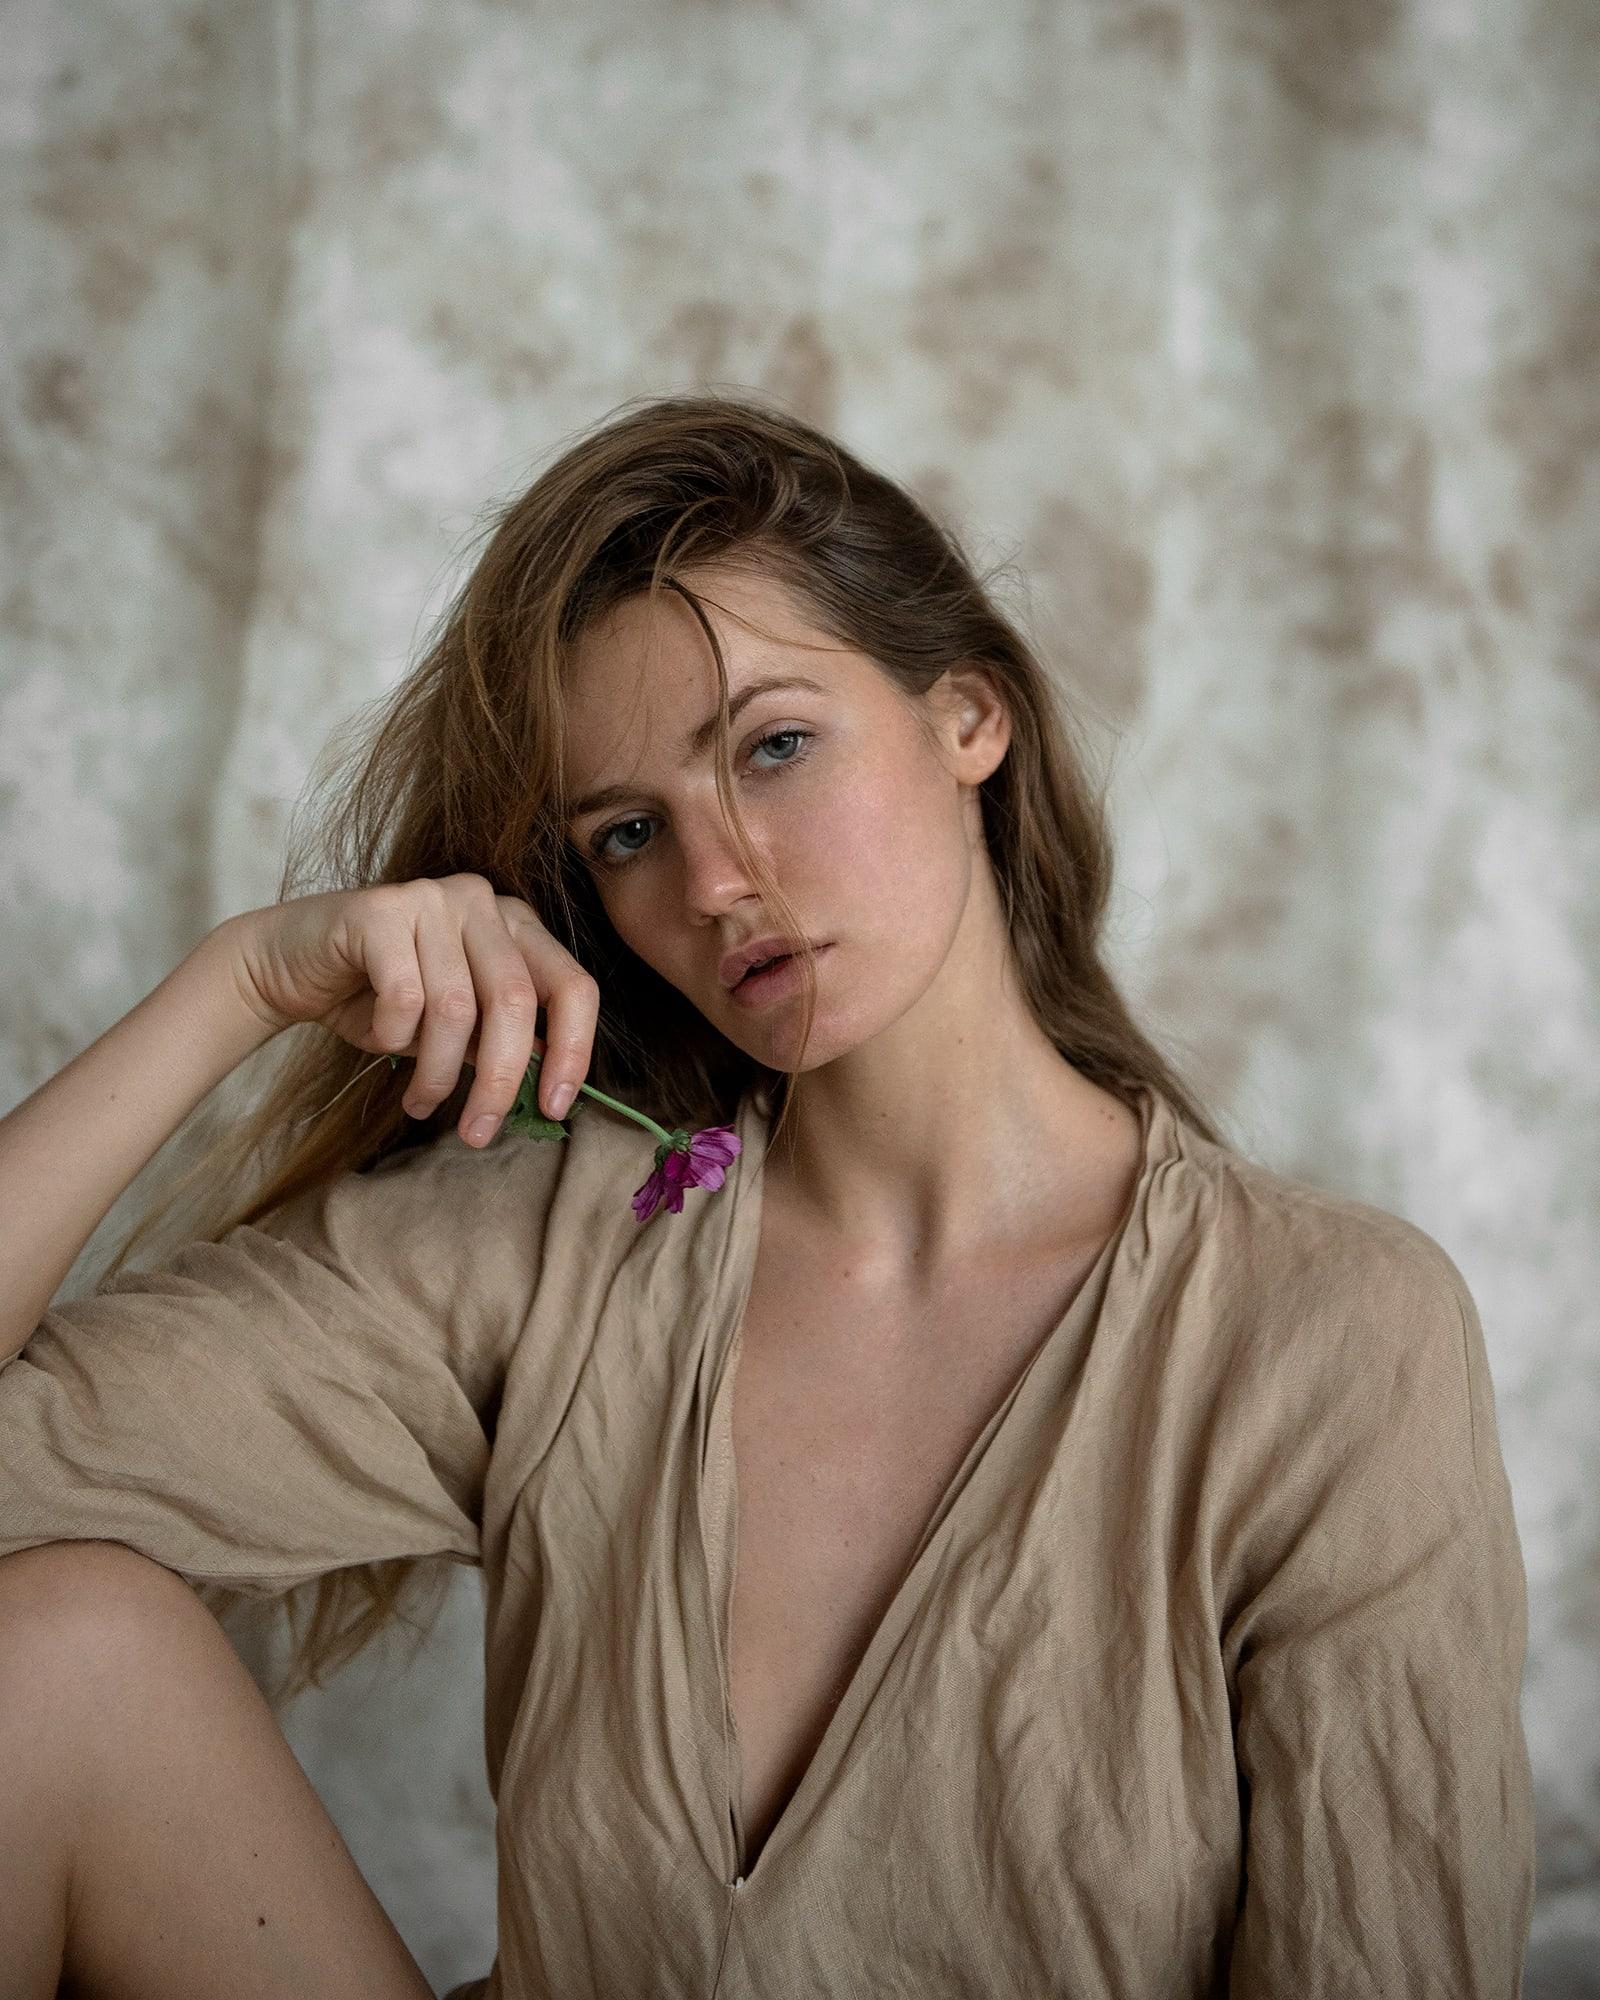 Valeria Matveeva by Ksyu Govorukhina